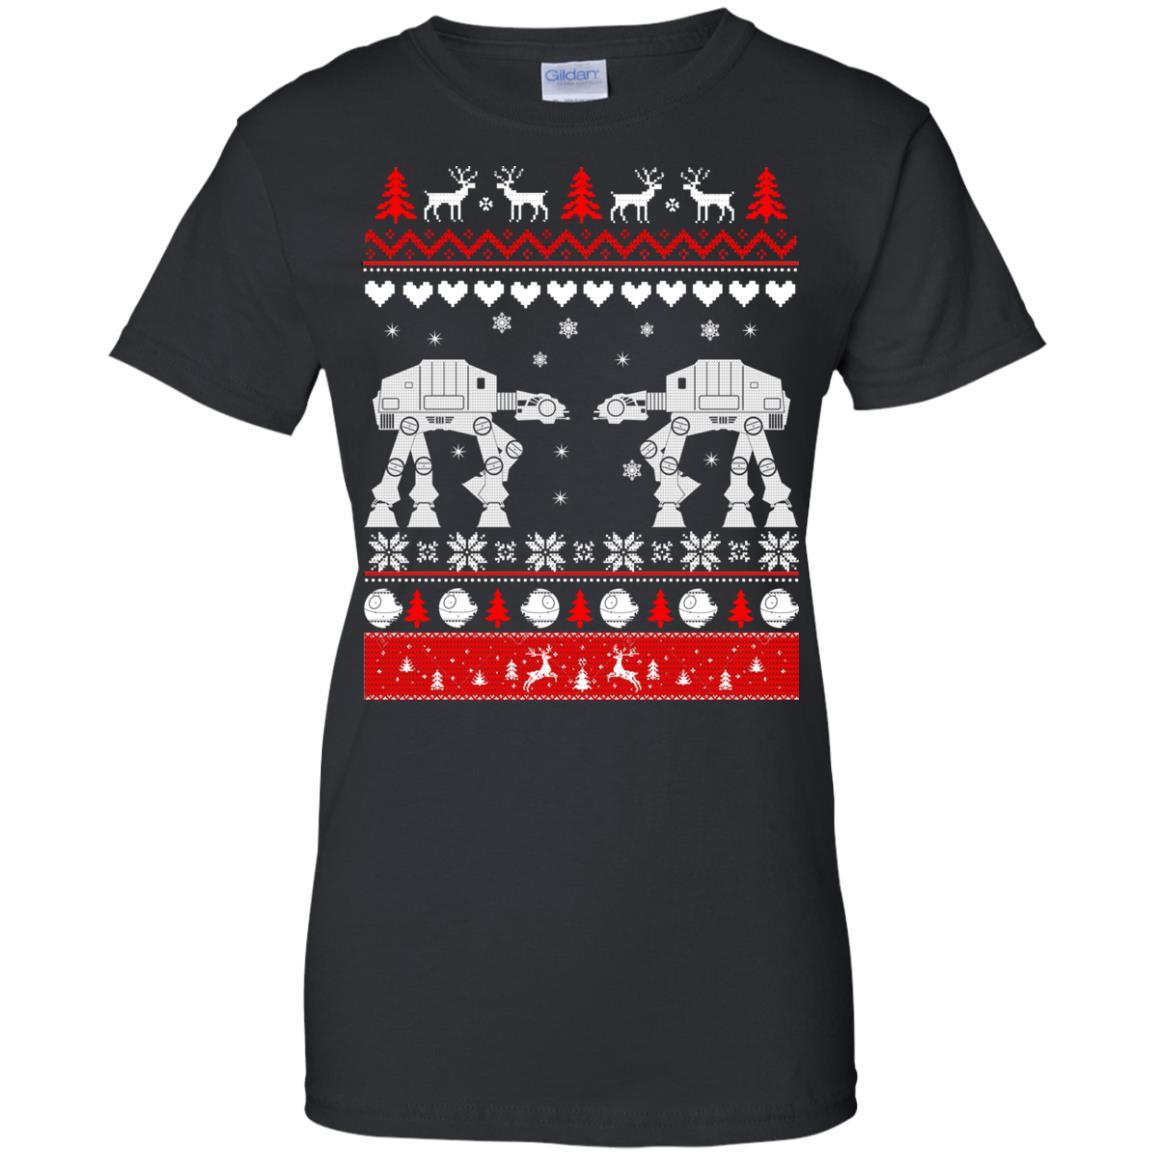 image 1745 - Star Wars AT AT Walker Christmas Sweatshirt, Hoodie